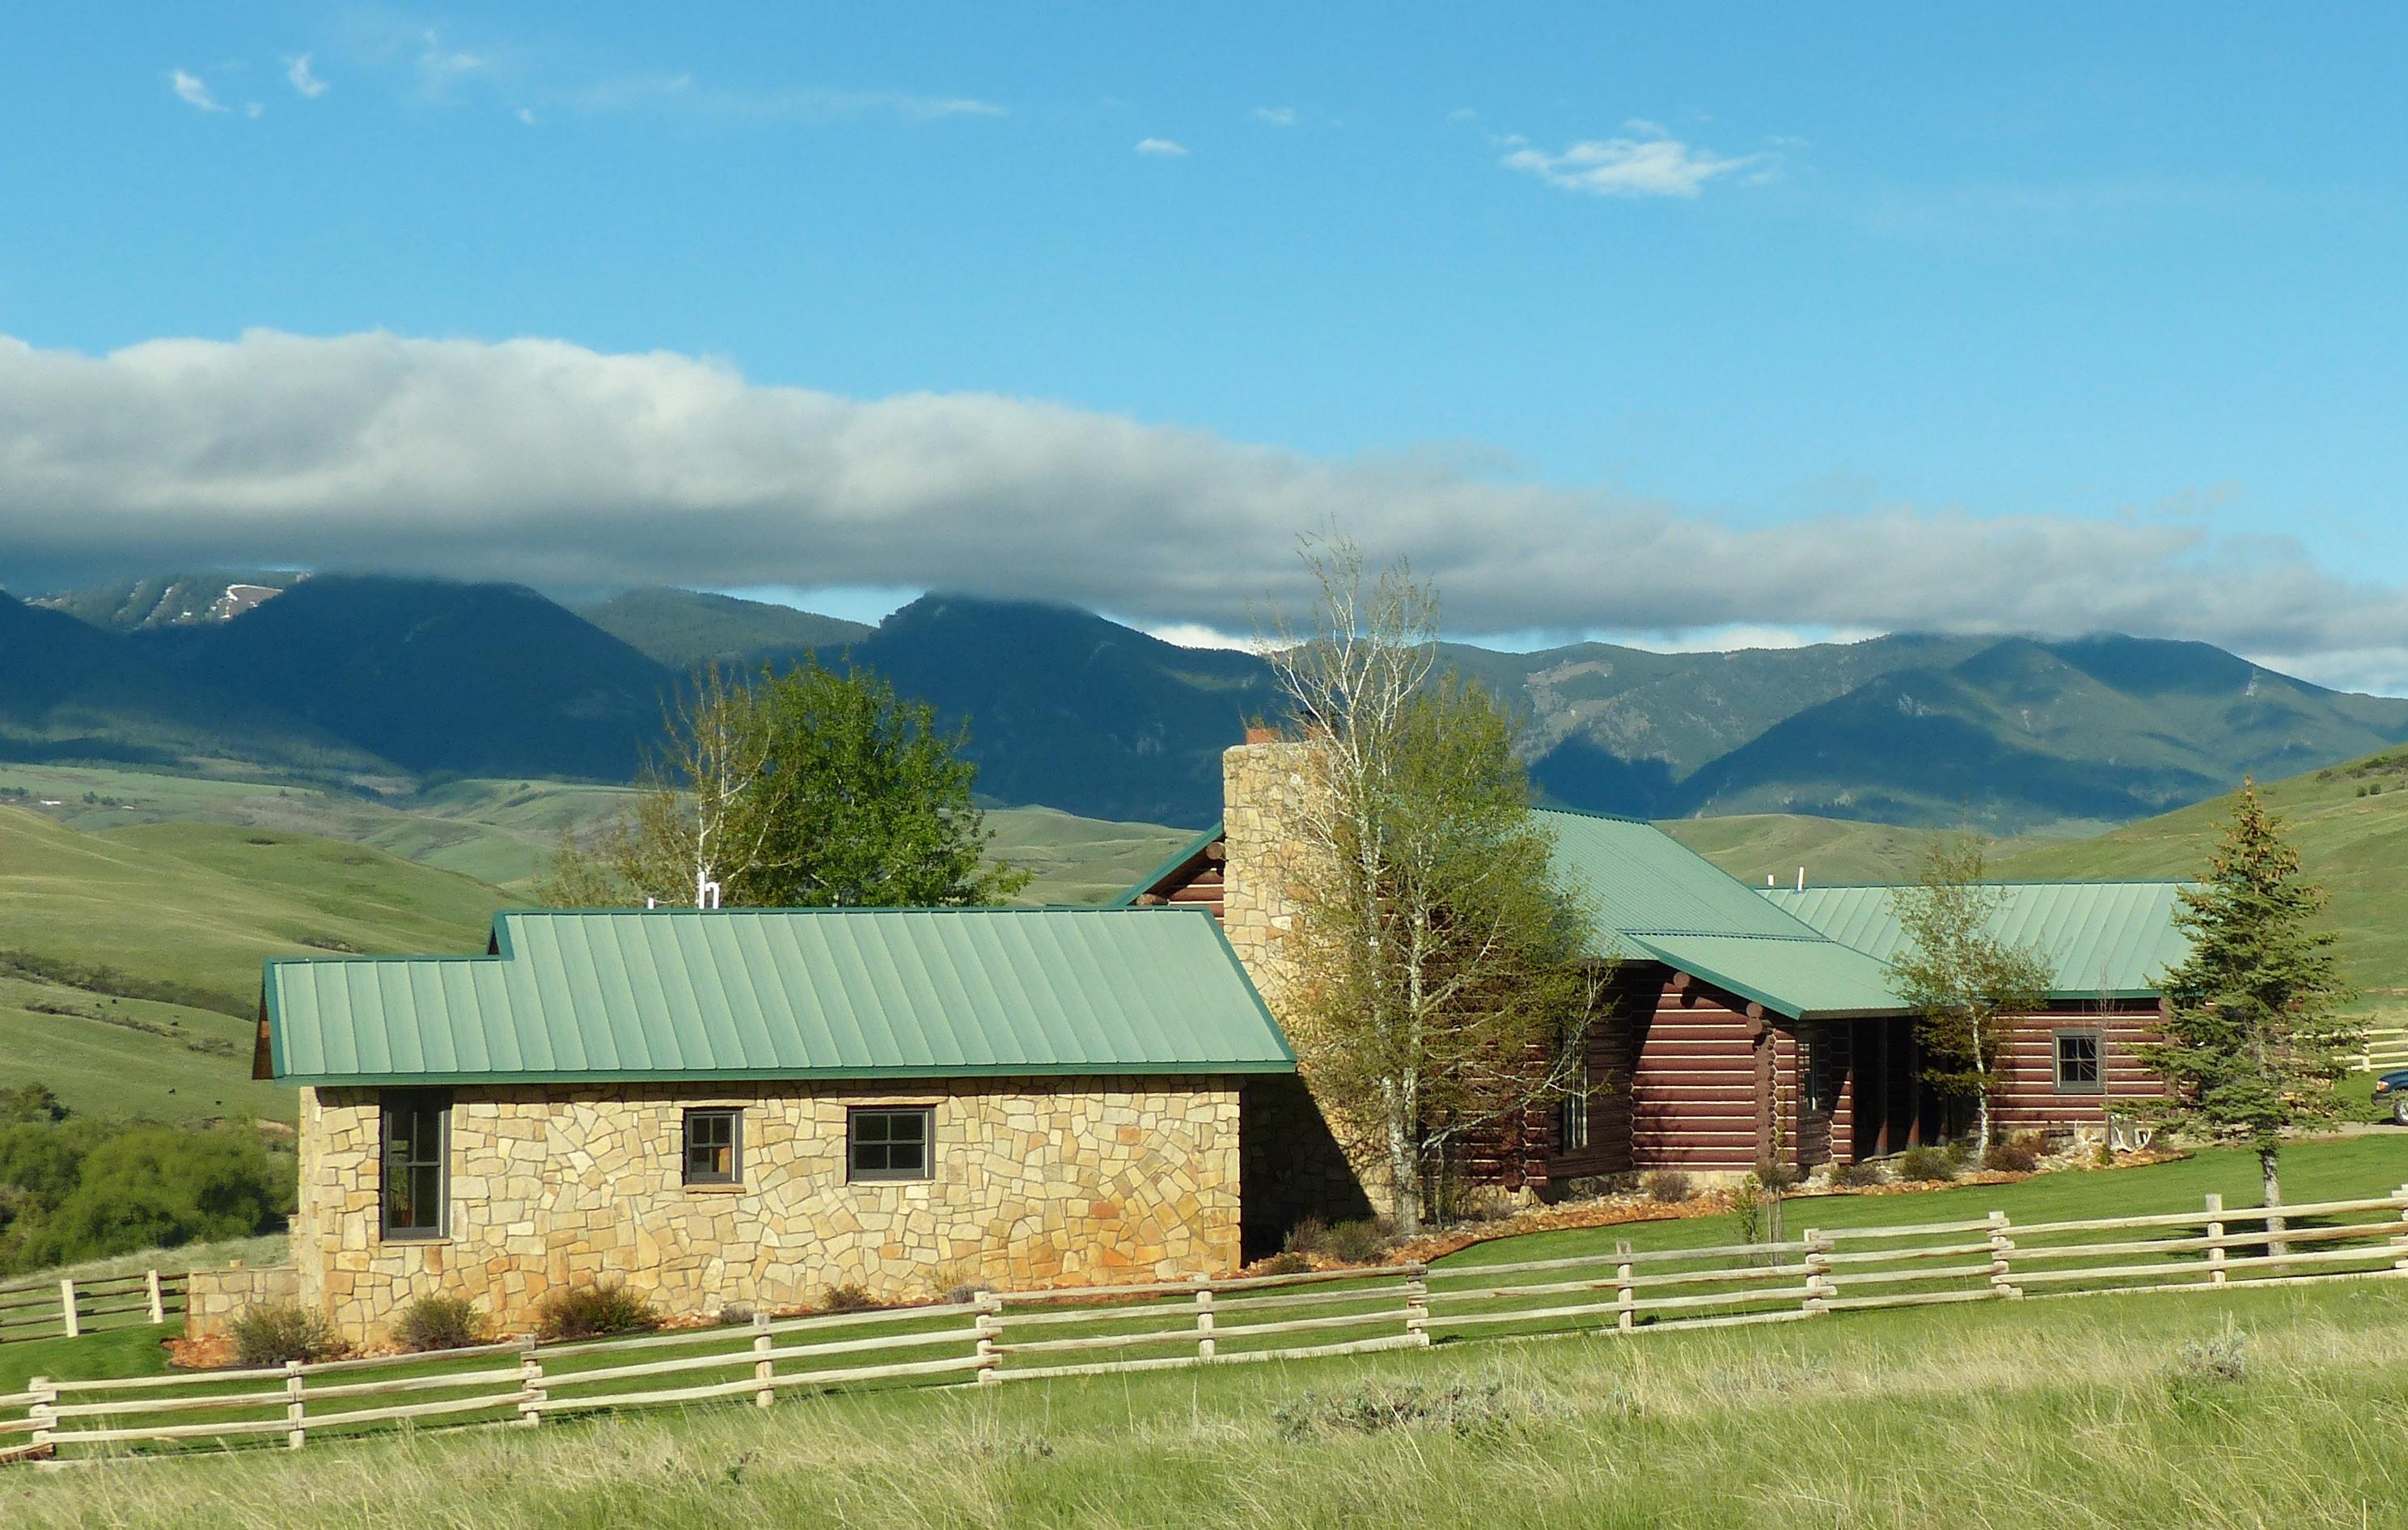 937 Beaver Creek Road, Big Horn, Wyoming 82833, 4 Bedrooms Bedrooms, ,5 BathroomsBathrooms,Ranch,For Sale,Beaver Creek,18-534